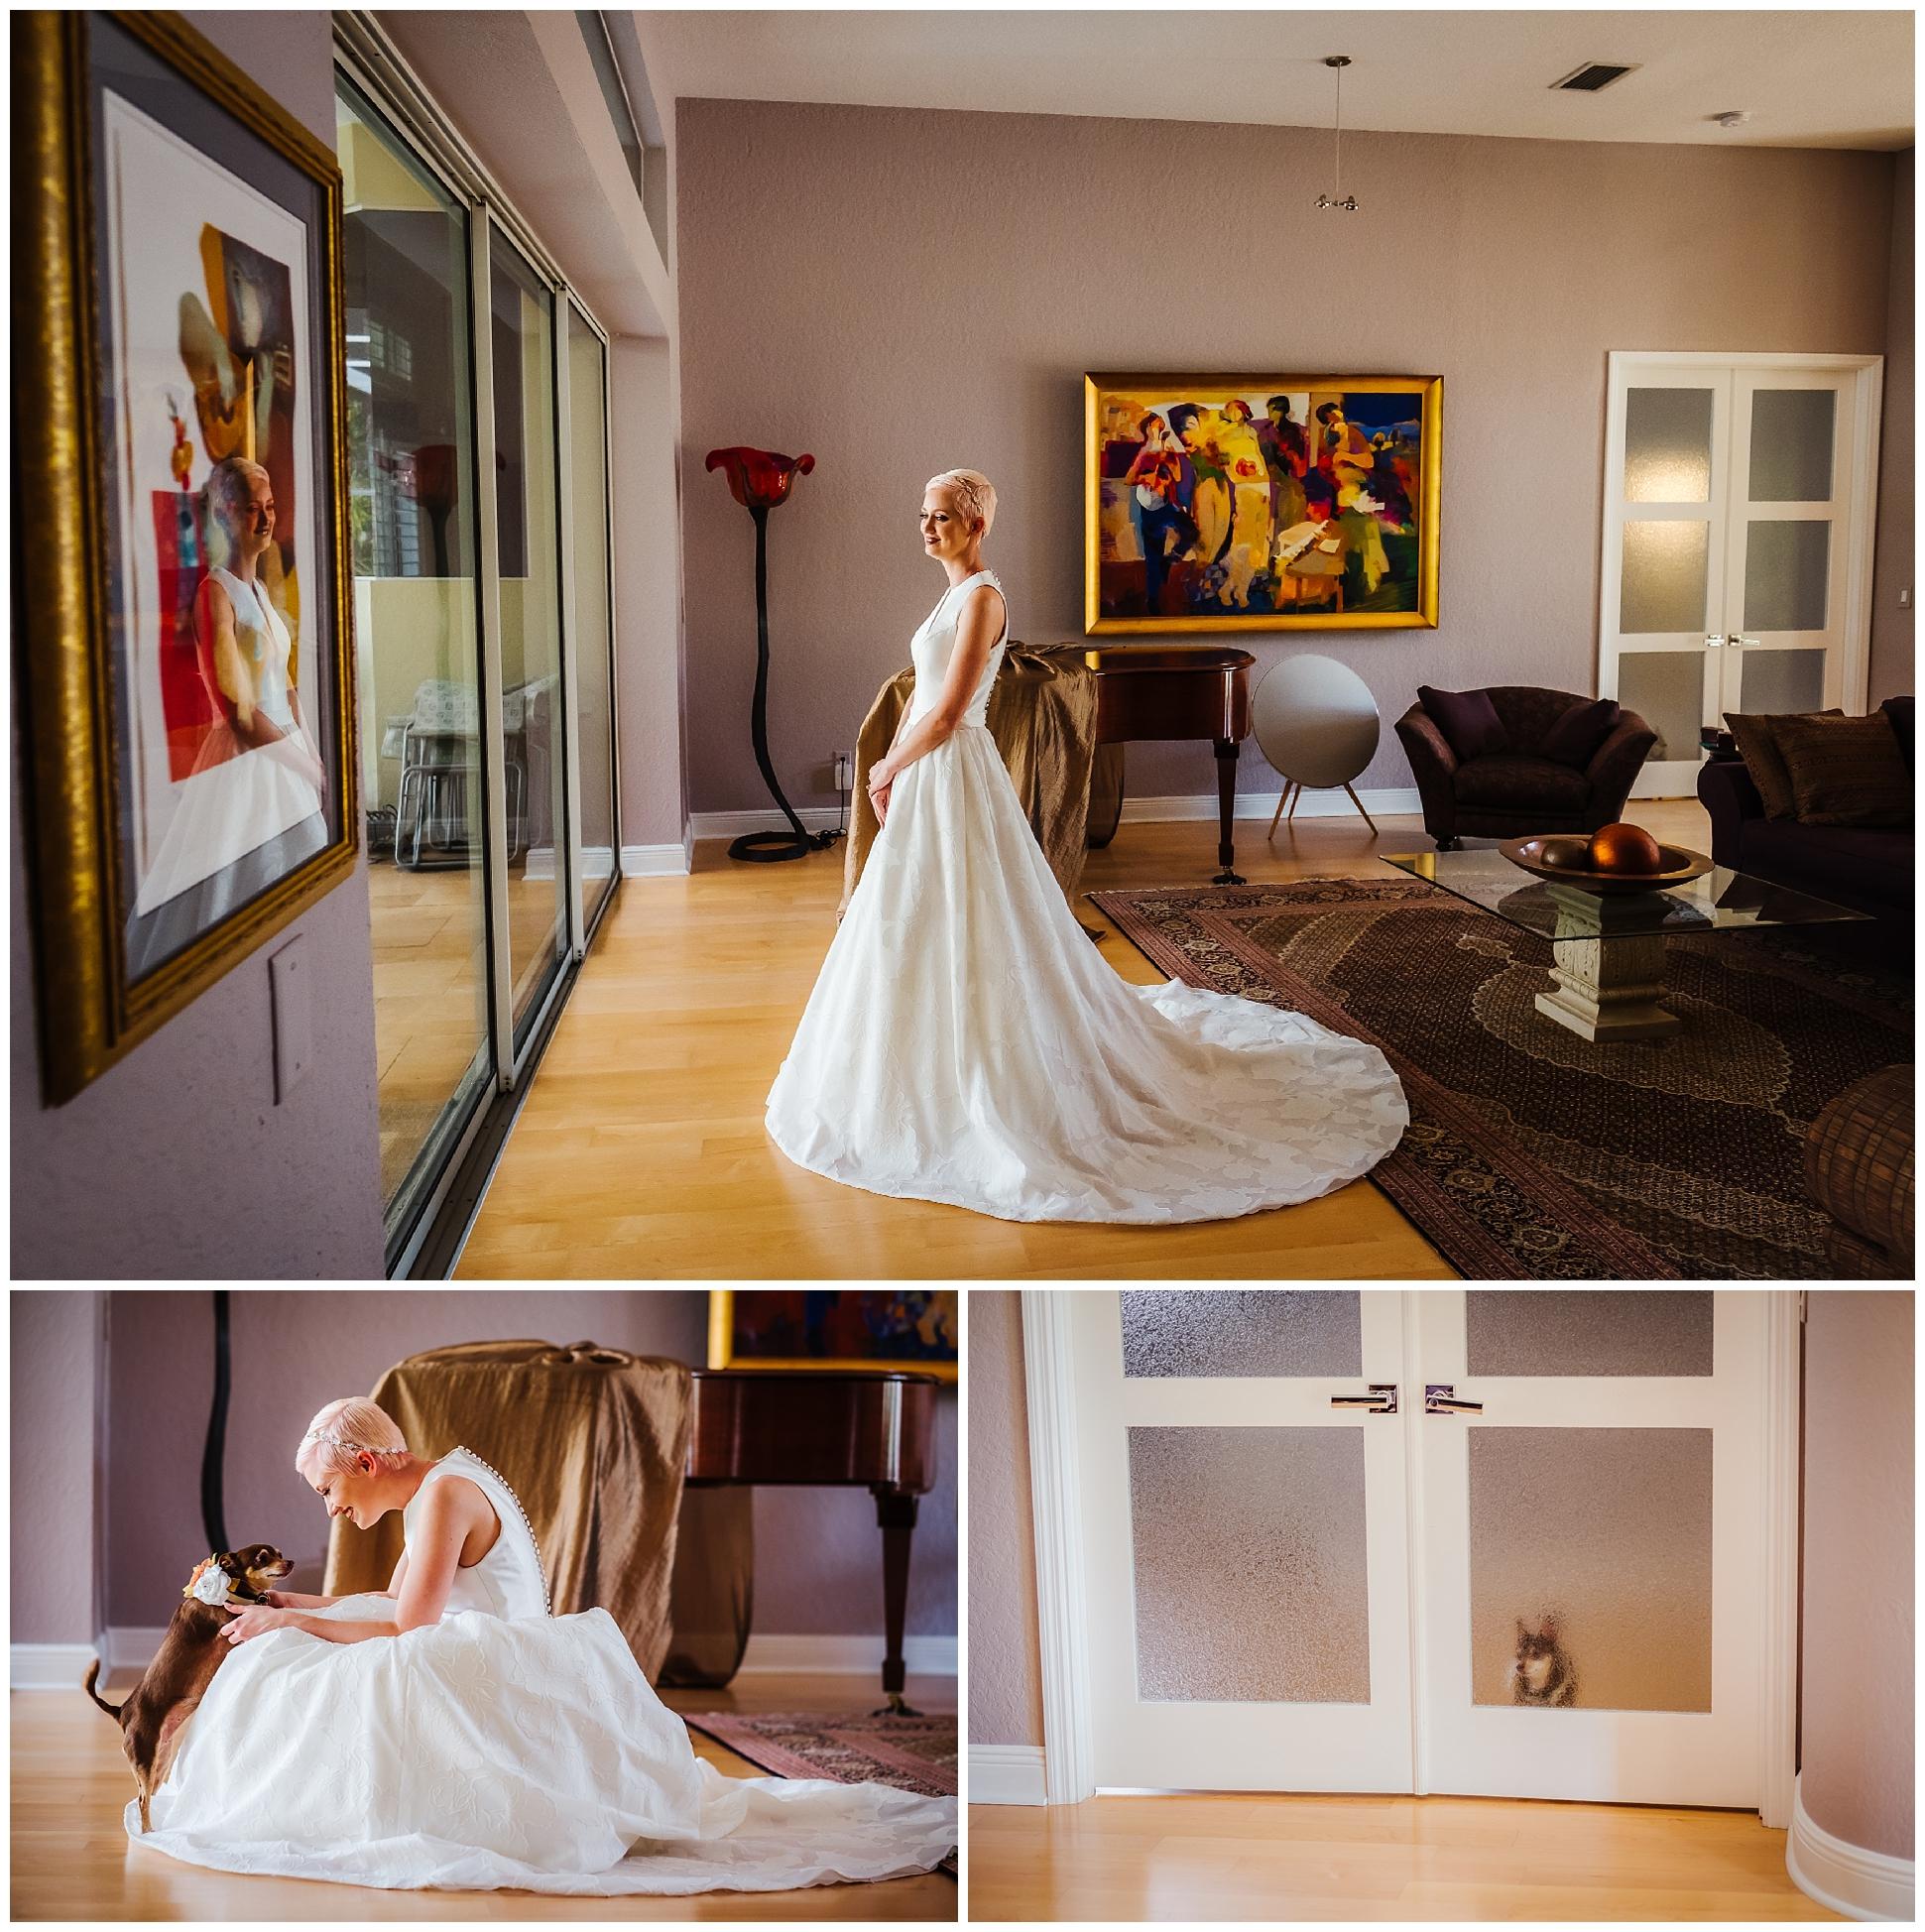 tierra-verde-st-pete-florida-home-luxury-wedding-greenery-pink-pixie-bride_0018.jpg